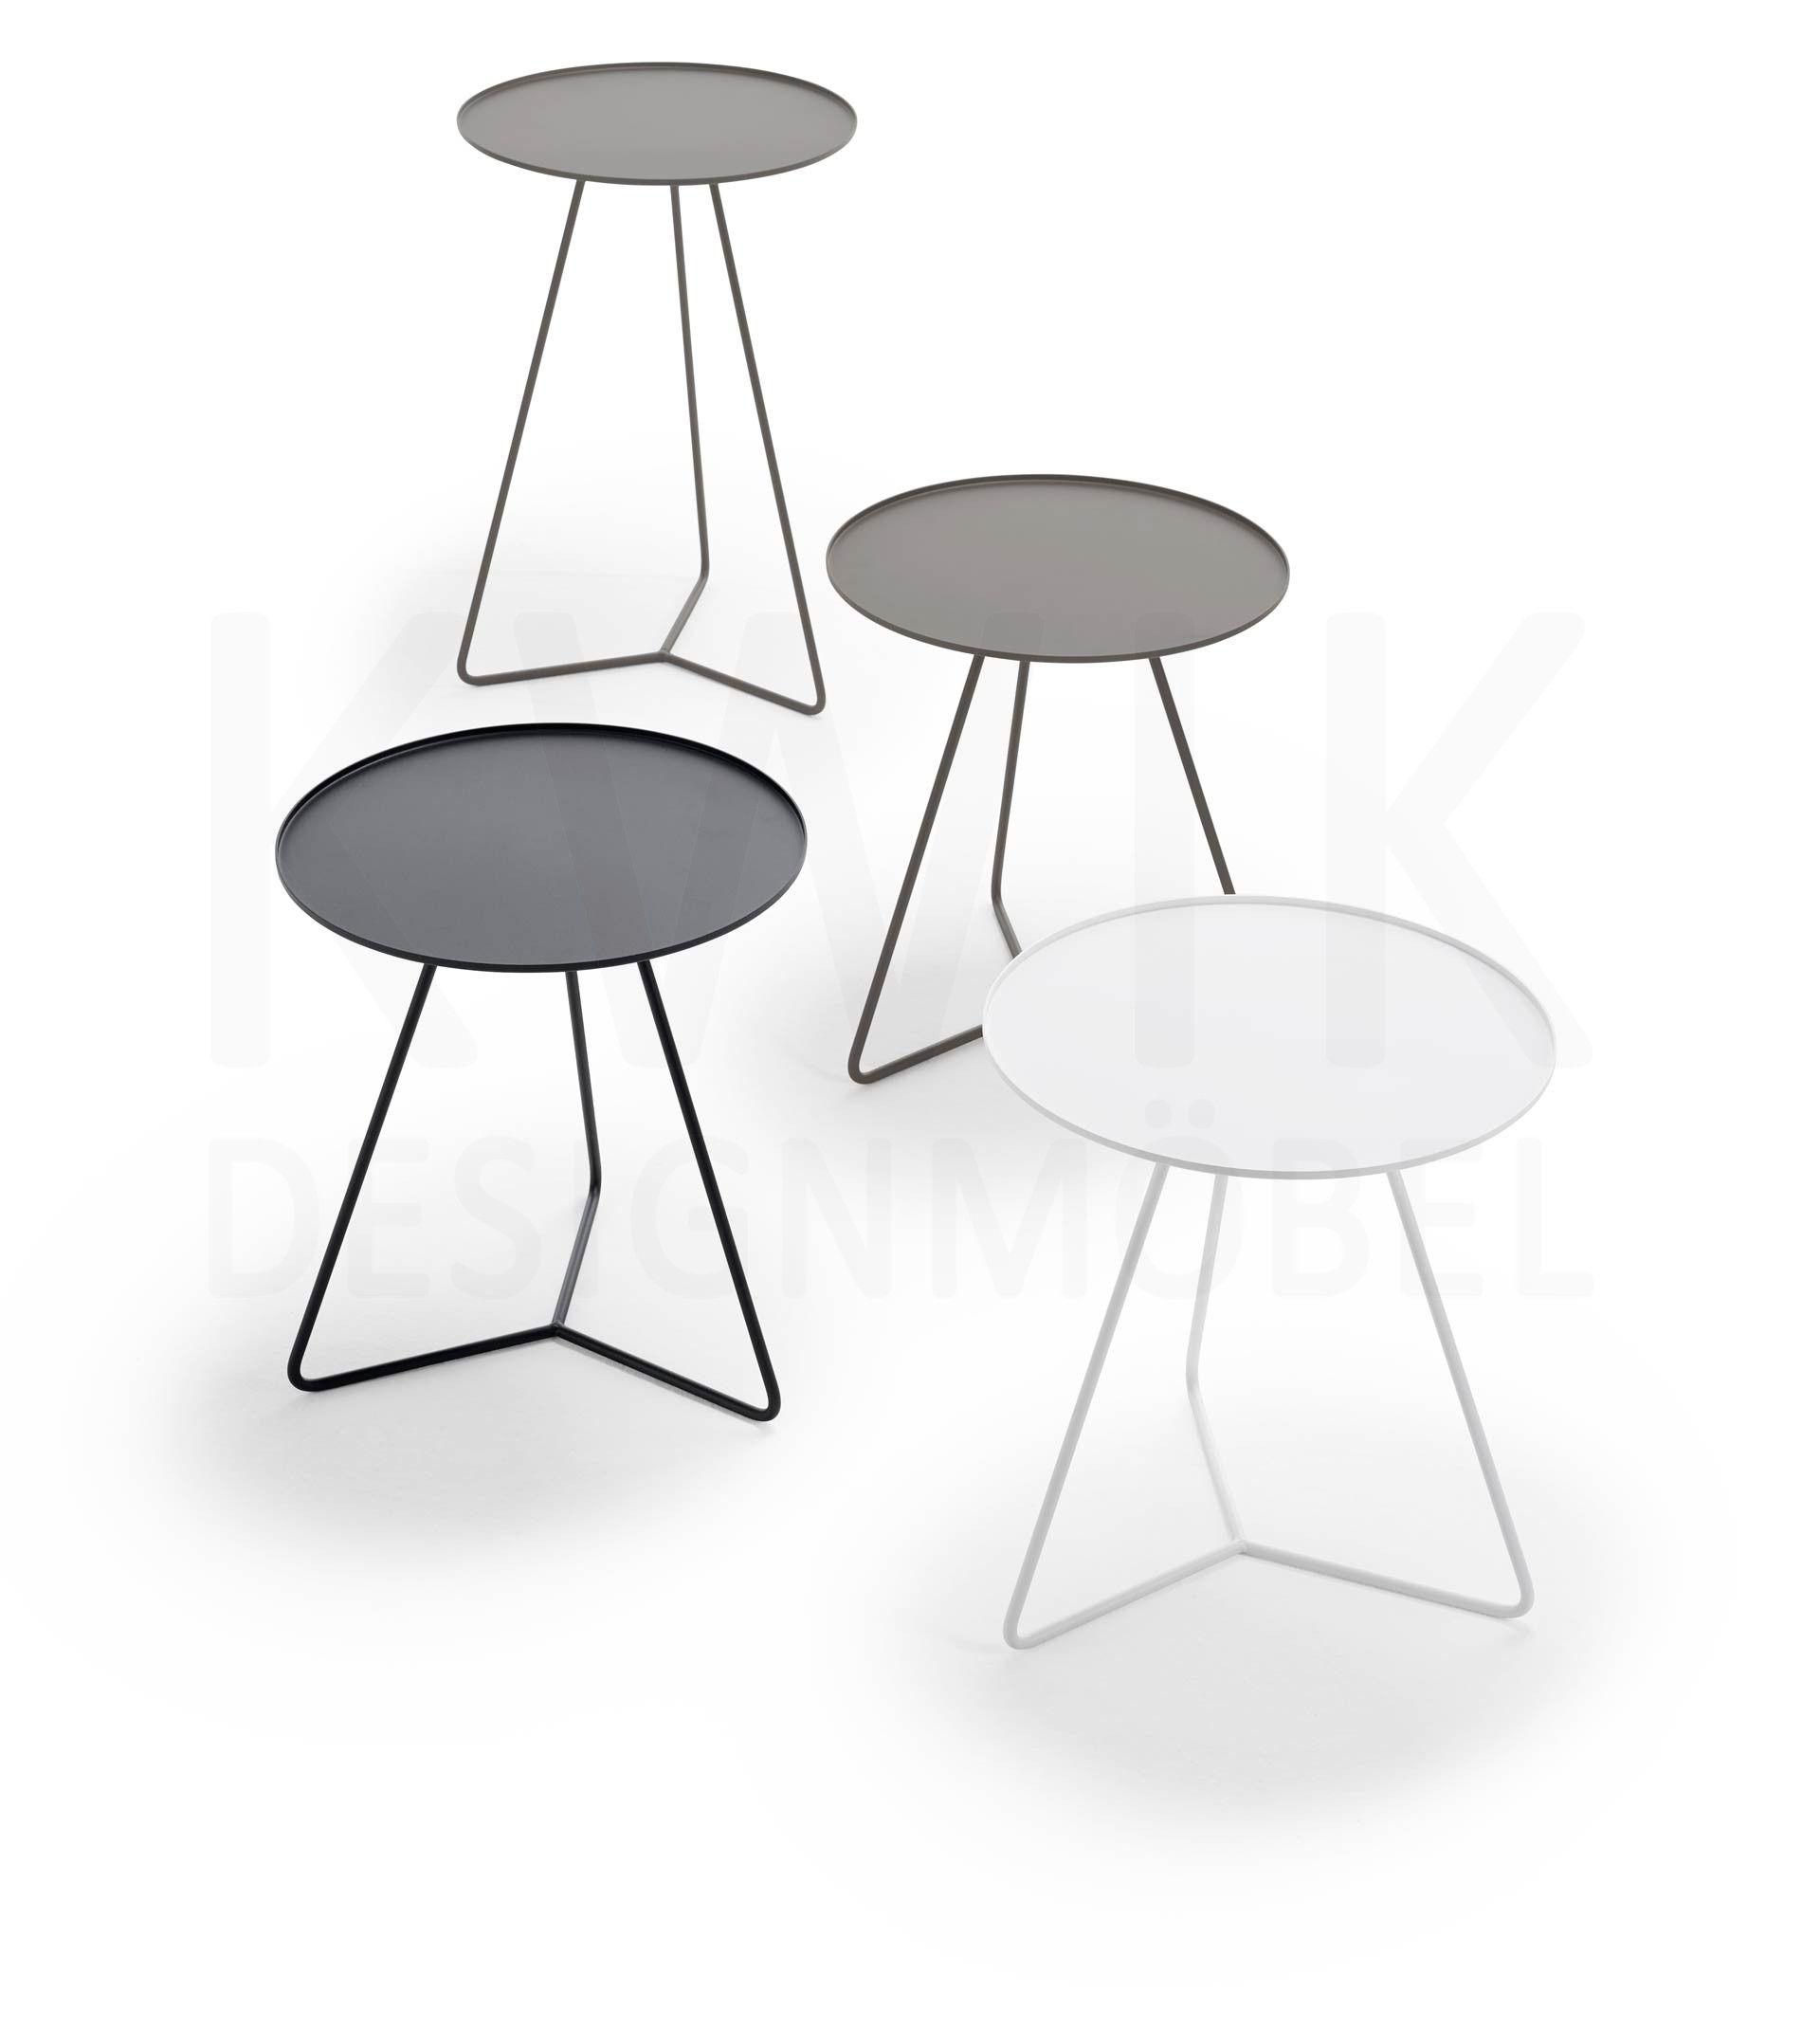 Design beistelltisch energiemakeovernop for Beistelltisch design glas